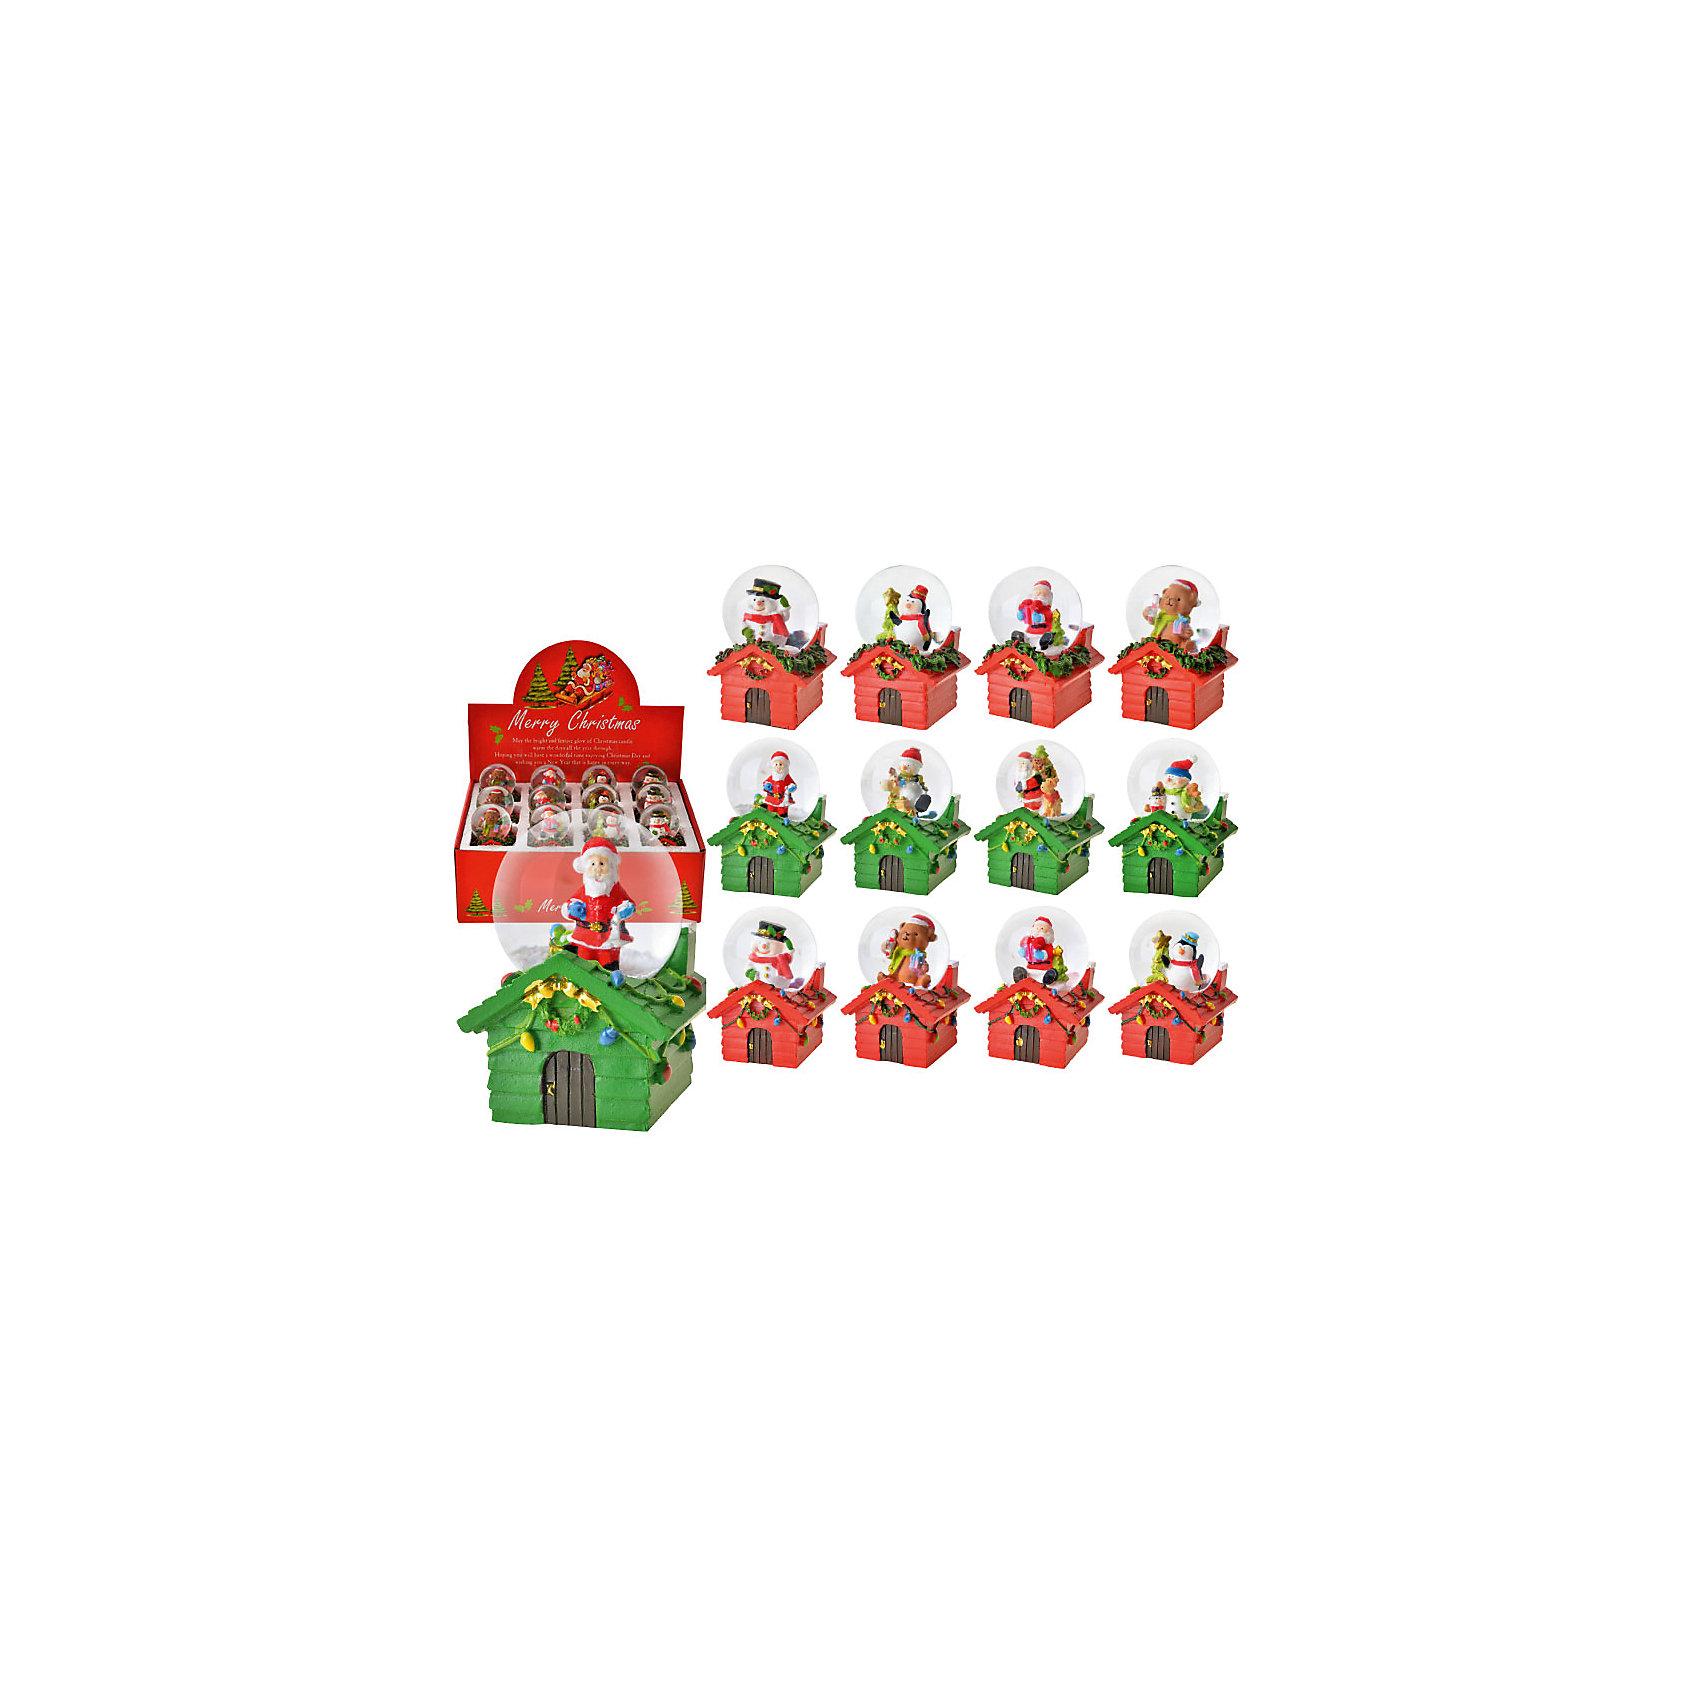 Снежный водяной шар Домик, в ассортиментеОчаровательный шарик станет прекрасным праздничным сувениром. Стоит только потрясти его - и случится новогоднее чудо: внутри маленького шарика пойдет настоящий снег, снежинки будут кружиться в танце, завораживая и создавая атмосферу праздника. <br><br>Дополнительная информация:<br><br>- Материал: пластик.<br>- Размер: 7х5х5х см.<br>- 12 штук в ассортименте.<br>ВНИМАНИЕ! Данный артикул представлен в разных вариантах исполнения. К сожалению, заранее выбрать определенный вариант невозможно. При заказе нескольких шаров возможно получение одинаковых.<br><br>Снежный водяной шар Домик, в ассортименте, можно купить в нашем магазине.<br><br>Ширина мм: 70<br>Глубина мм: 50<br>Высота мм: 50<br>Вес г: 250<br>Возраст от месяцев: 36<br>Возраст до месяцев: 2147483647<br>Пол: Унисекс<br>Возраст: Детский<br>SKU: 4293035